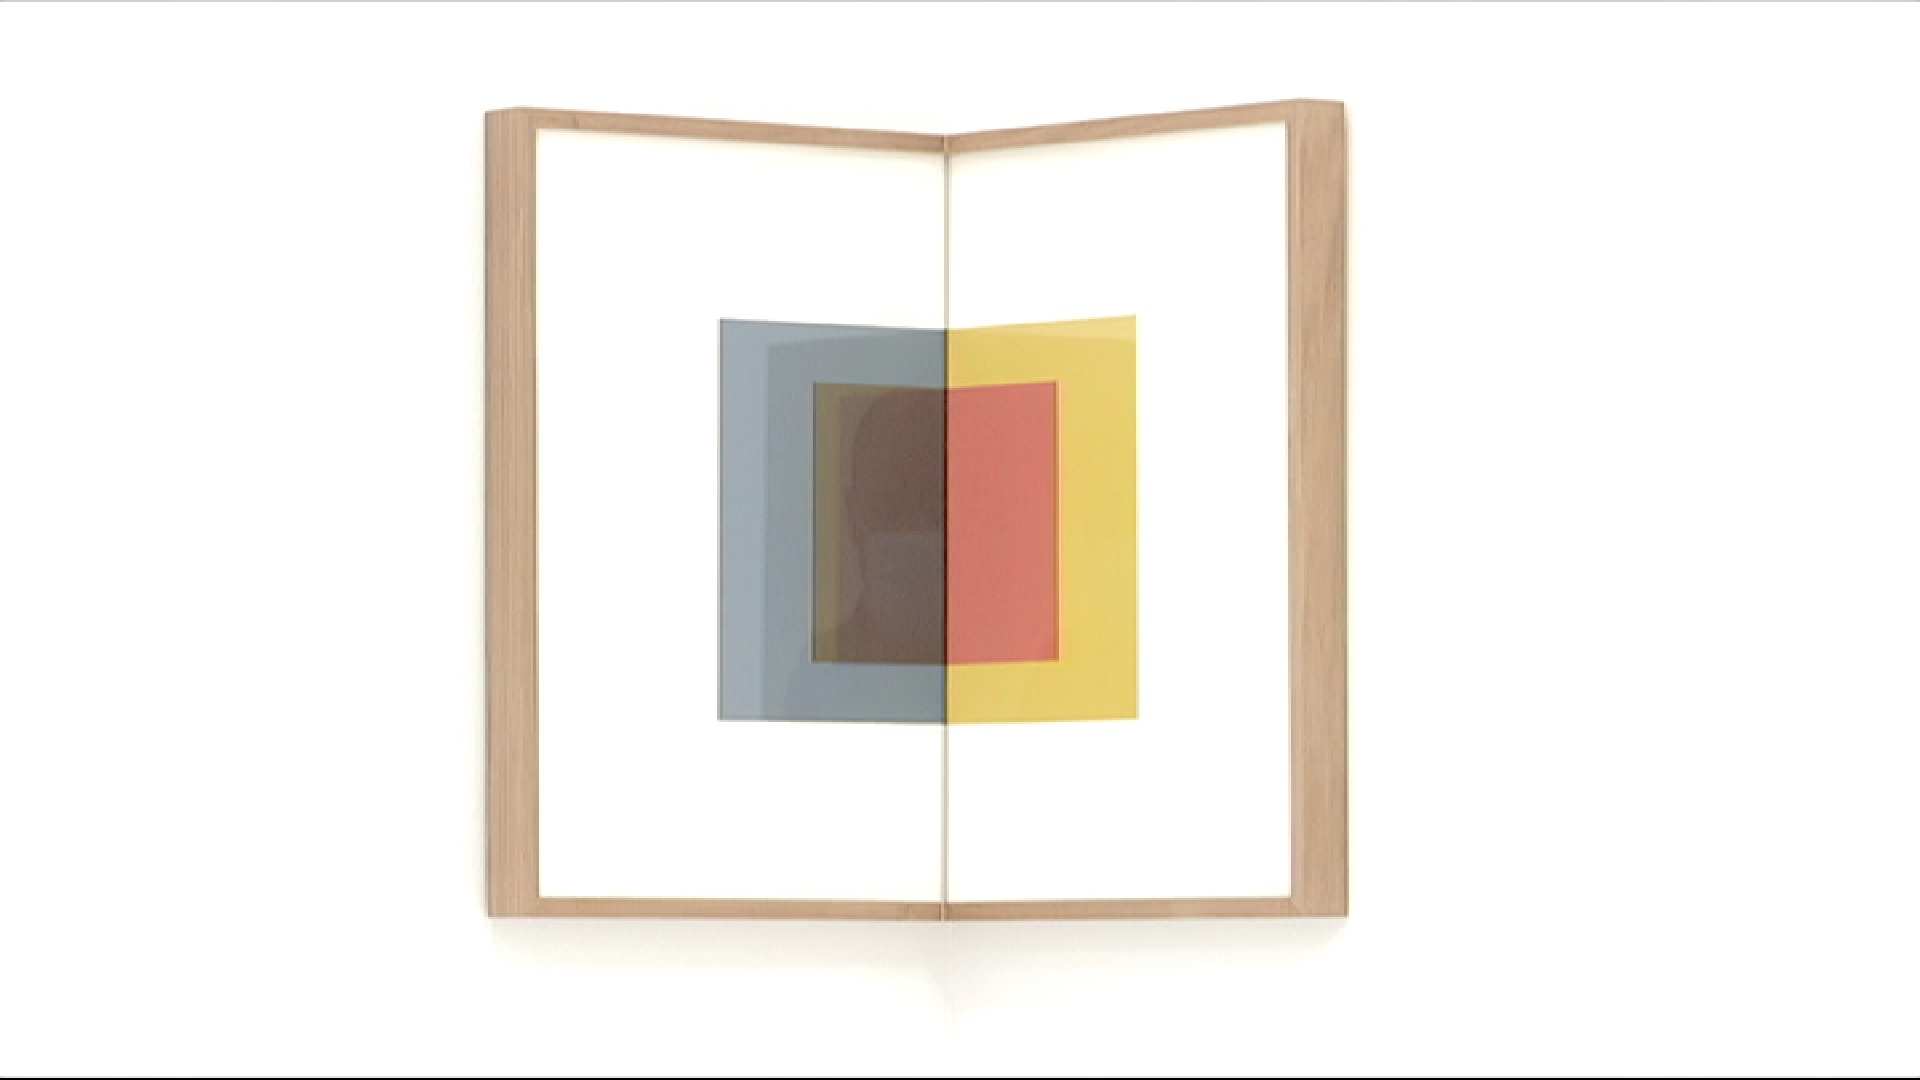 Les+galeries+L21+i+Gerhardt+Braun+inauguren+exposicions